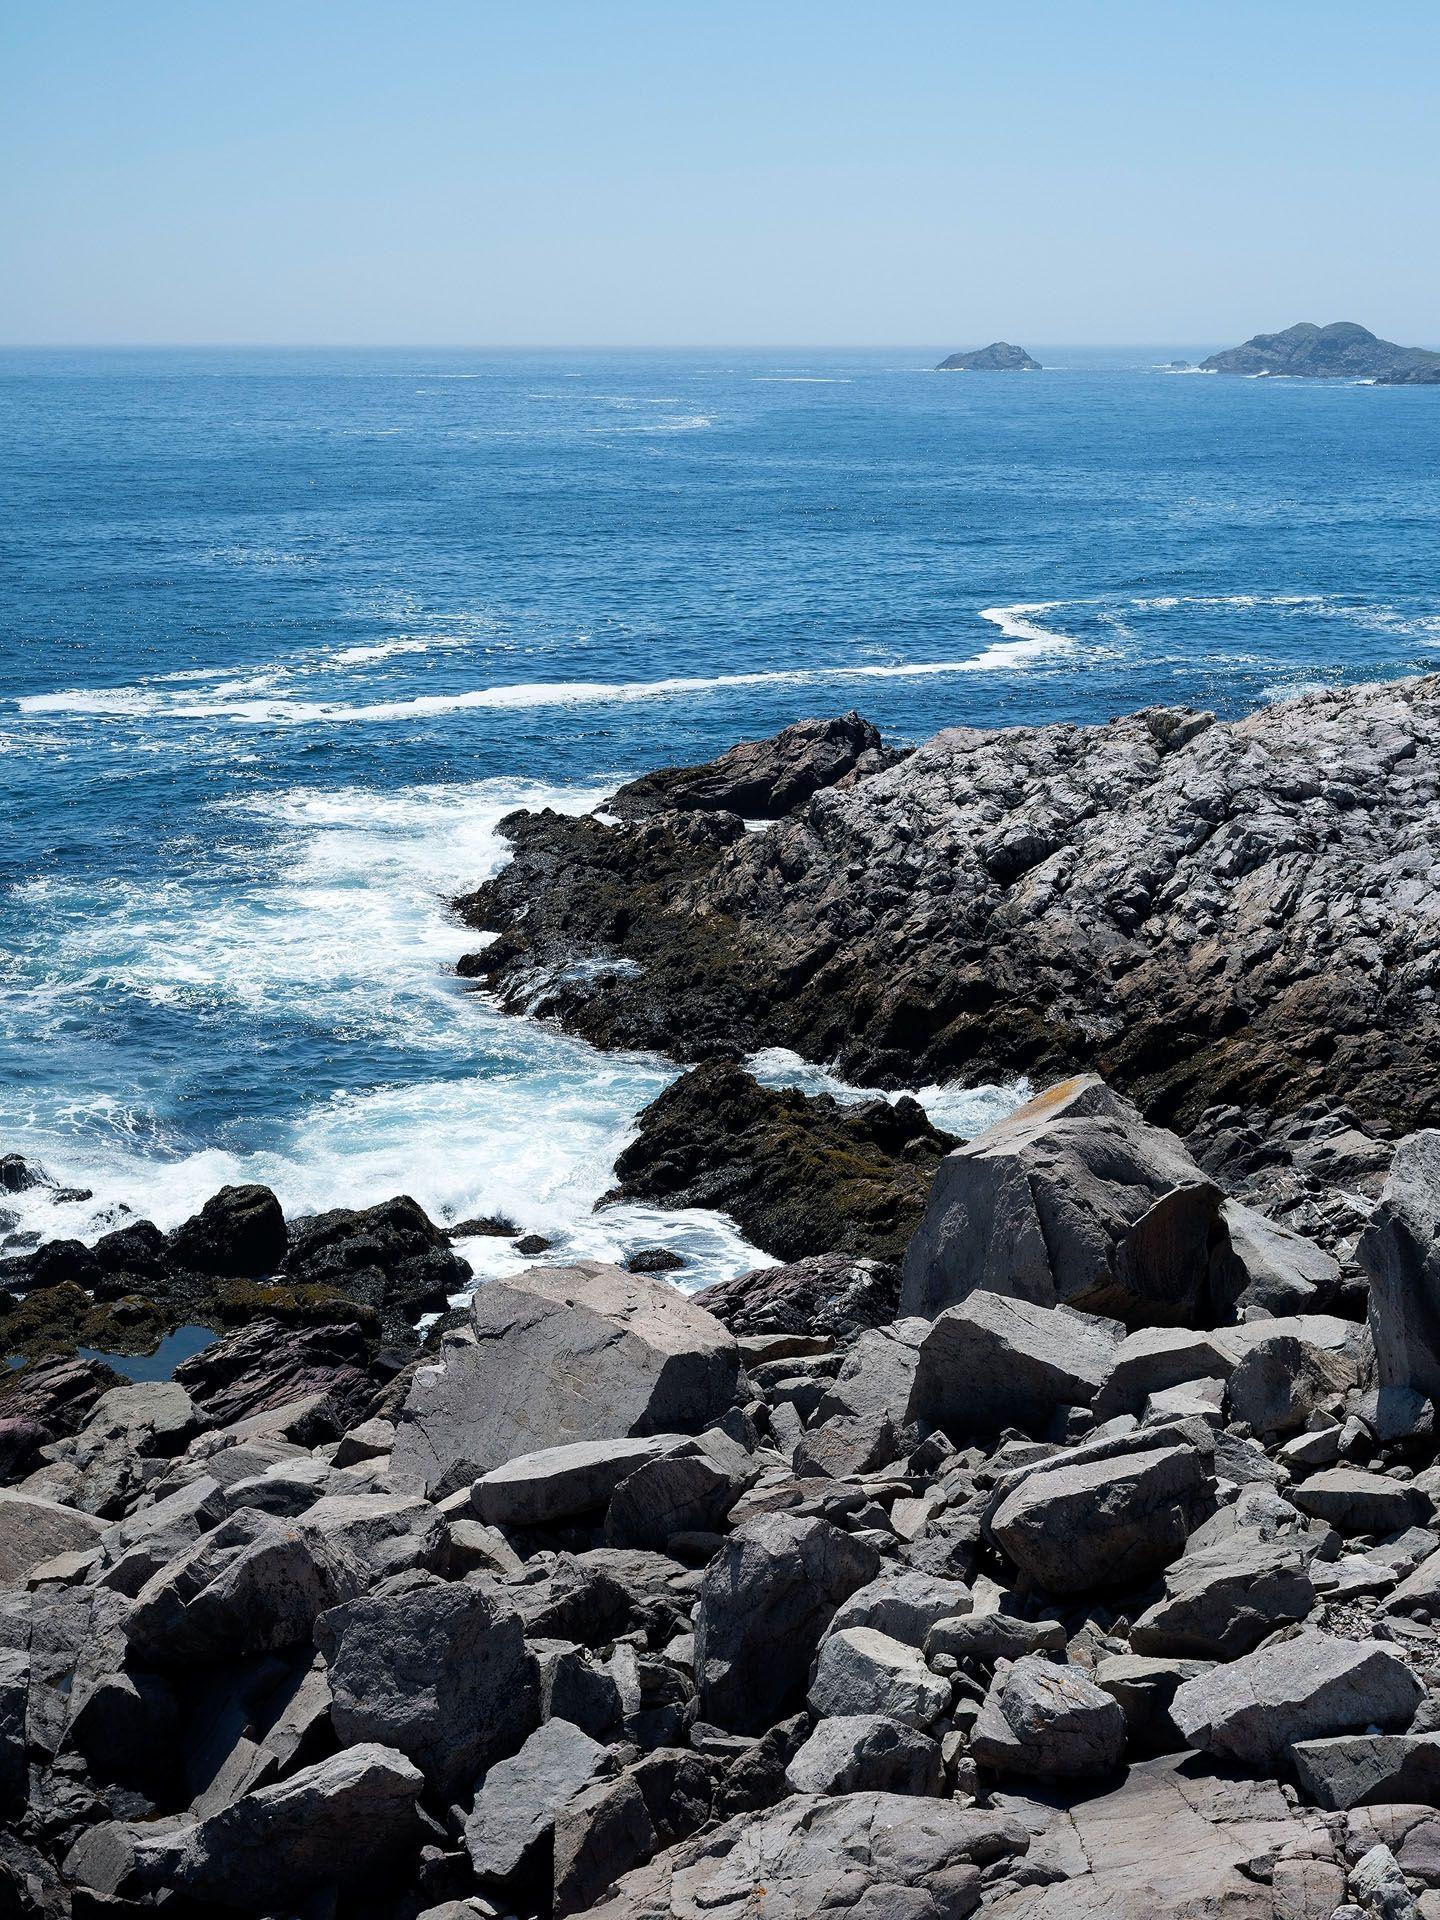 seashore of black rocks by Guillaume Simoneau in Saint-Pierre-et-Miquelon for M le mag Le Monde